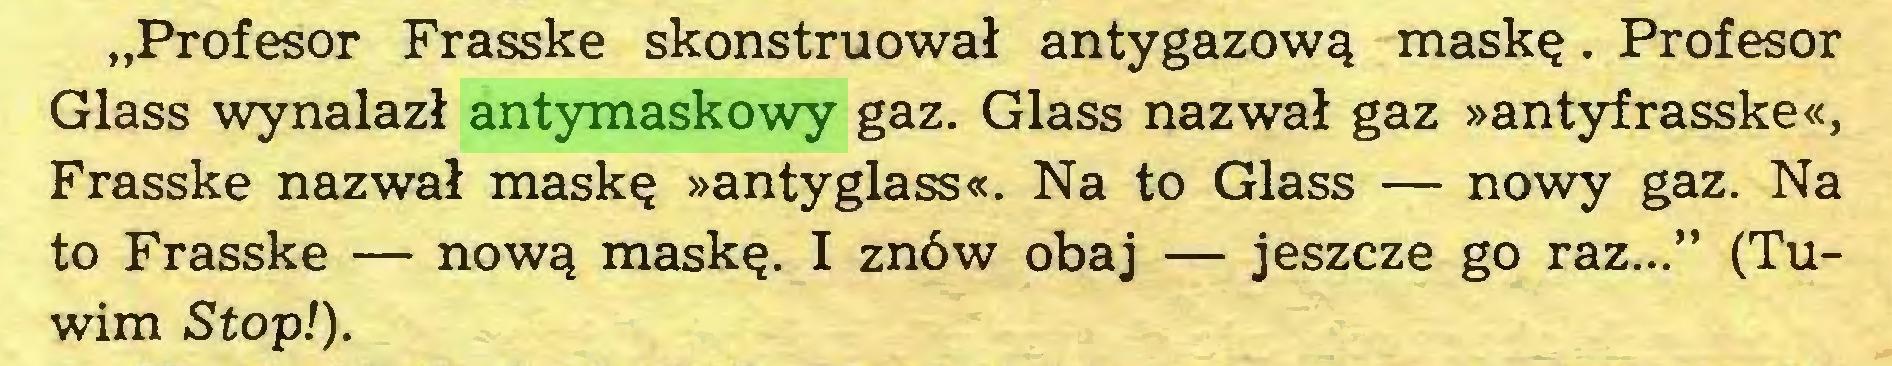 """(...) """"Profesor Frasske skonstruował antygazową maskę. Profesor Glass wynalazł antymaskowy gaz. Glass nazwał gaz »antyfrasske«, Frasske nazwał maskę »antyglass«. Na to Glass — nowy gaz. Na to Frasske — nową maskę. I znów obaj — jeszcze go raz..."""" (Tuwim Stop!)..."""